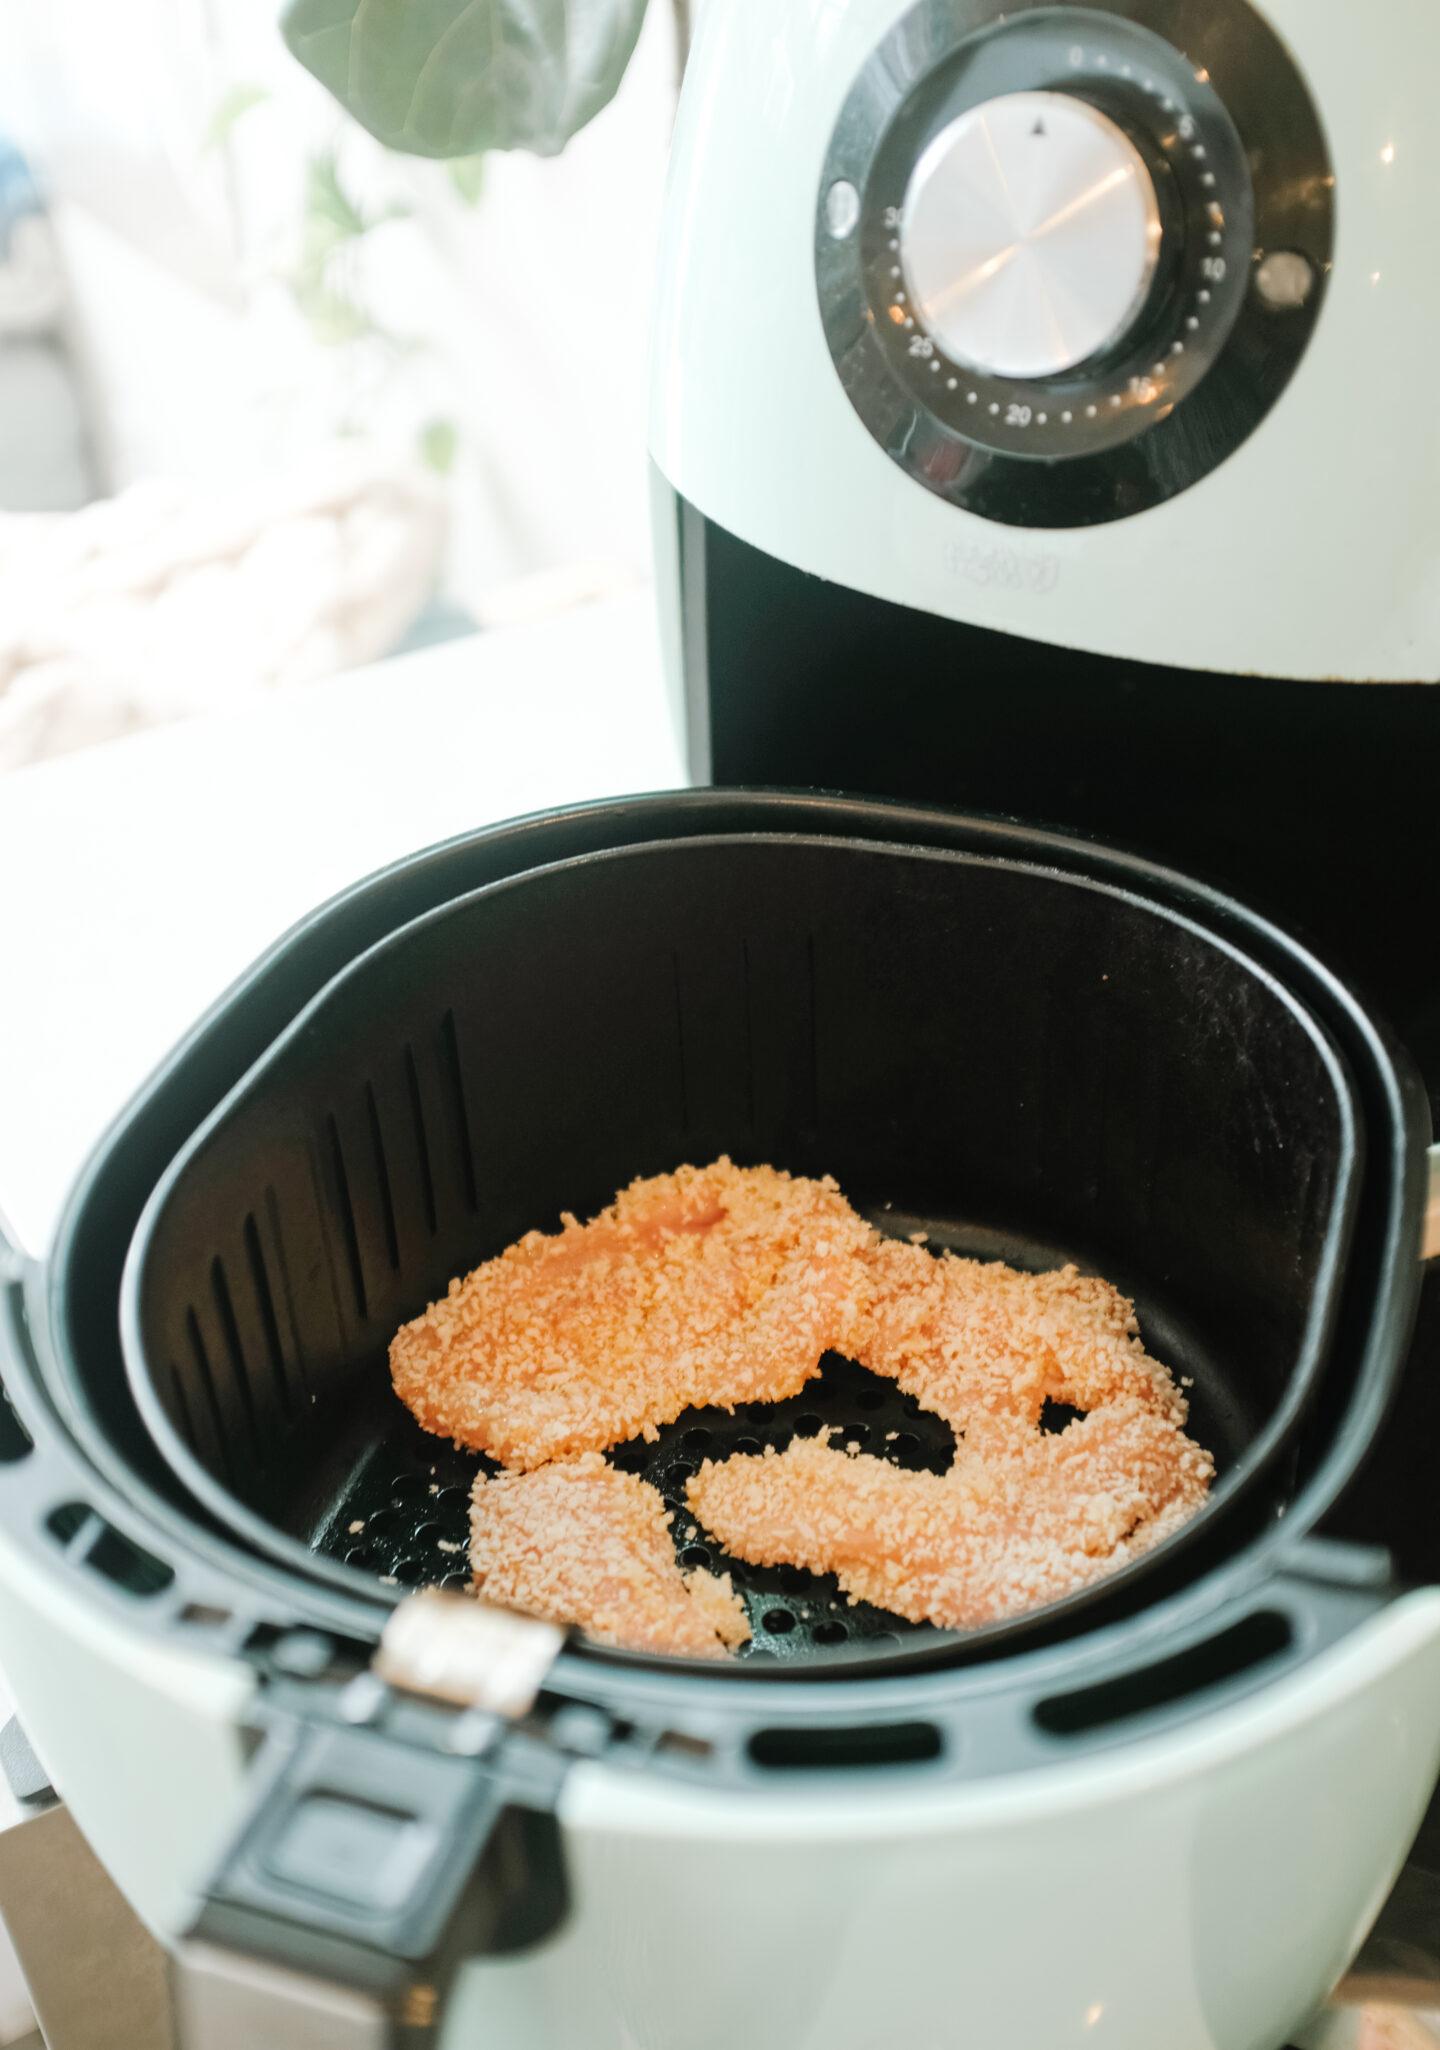 Super Easy Air Fryer Fried Chicken Recipe